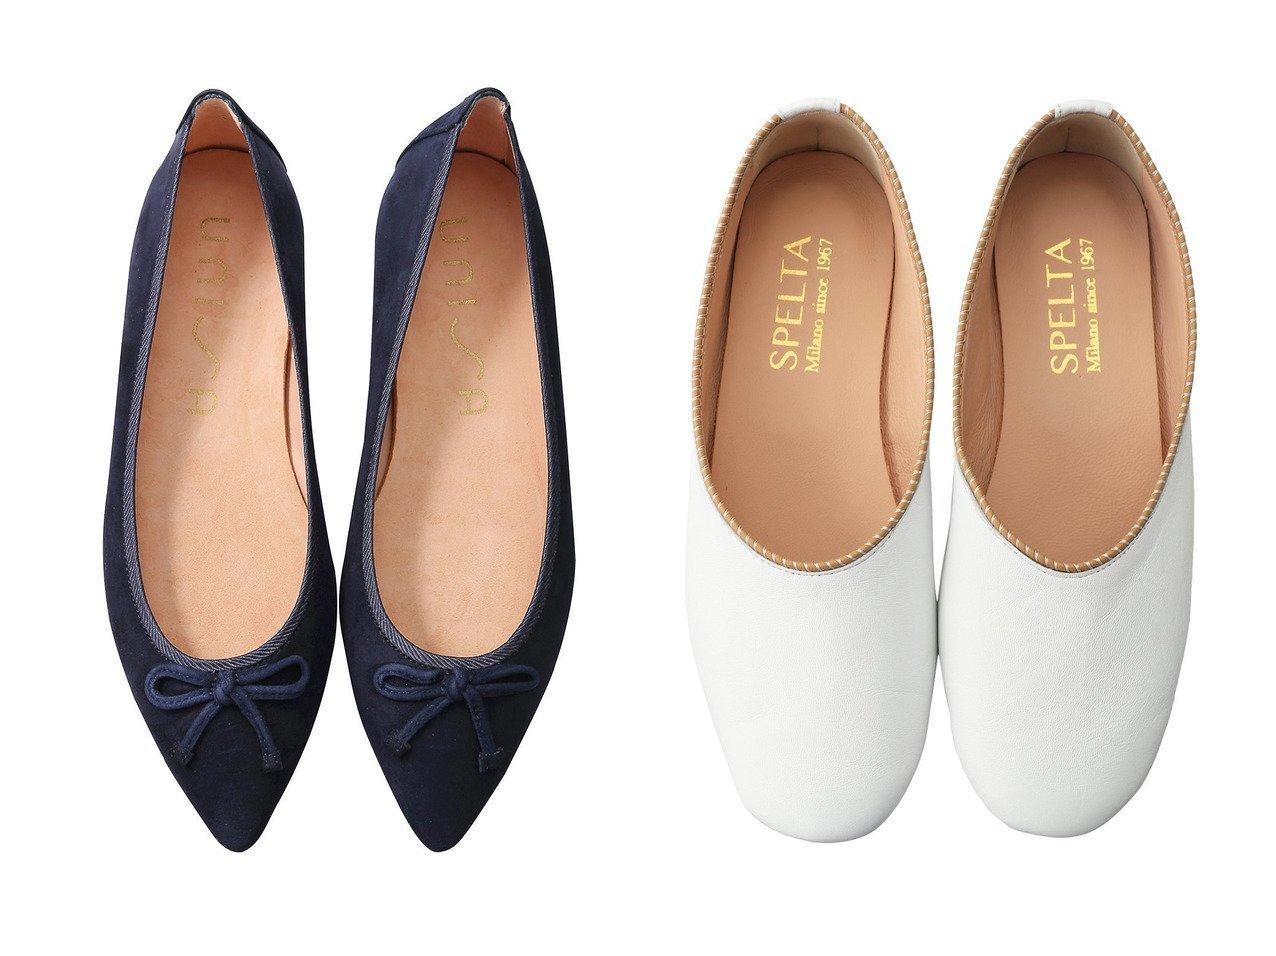 【Esmeralda/エスメラルダ】の【UNISA】ポインテッドバレエシューズ&【SPELTA/スペルタ】のPIPER ナッパバレエシューズ 【シューズ・靴】おすすめ!人気、トレンド・レディースファッションの通販  おすすめで人気の流行・トレンド、ファッションの通販商品 メンズファッション・キッズファッション・インテリア・家具・レディースファッション・服の通販 founy(ファニー) https://founy.com/ ファッション Fashion レディースファッション WOMEN シューズ シンプル バレエ フラット フェミニン マニッシュ ワイド 人気 再入荷 Restock/Back in Stock/Re Arrival |ID:crp329100000032102